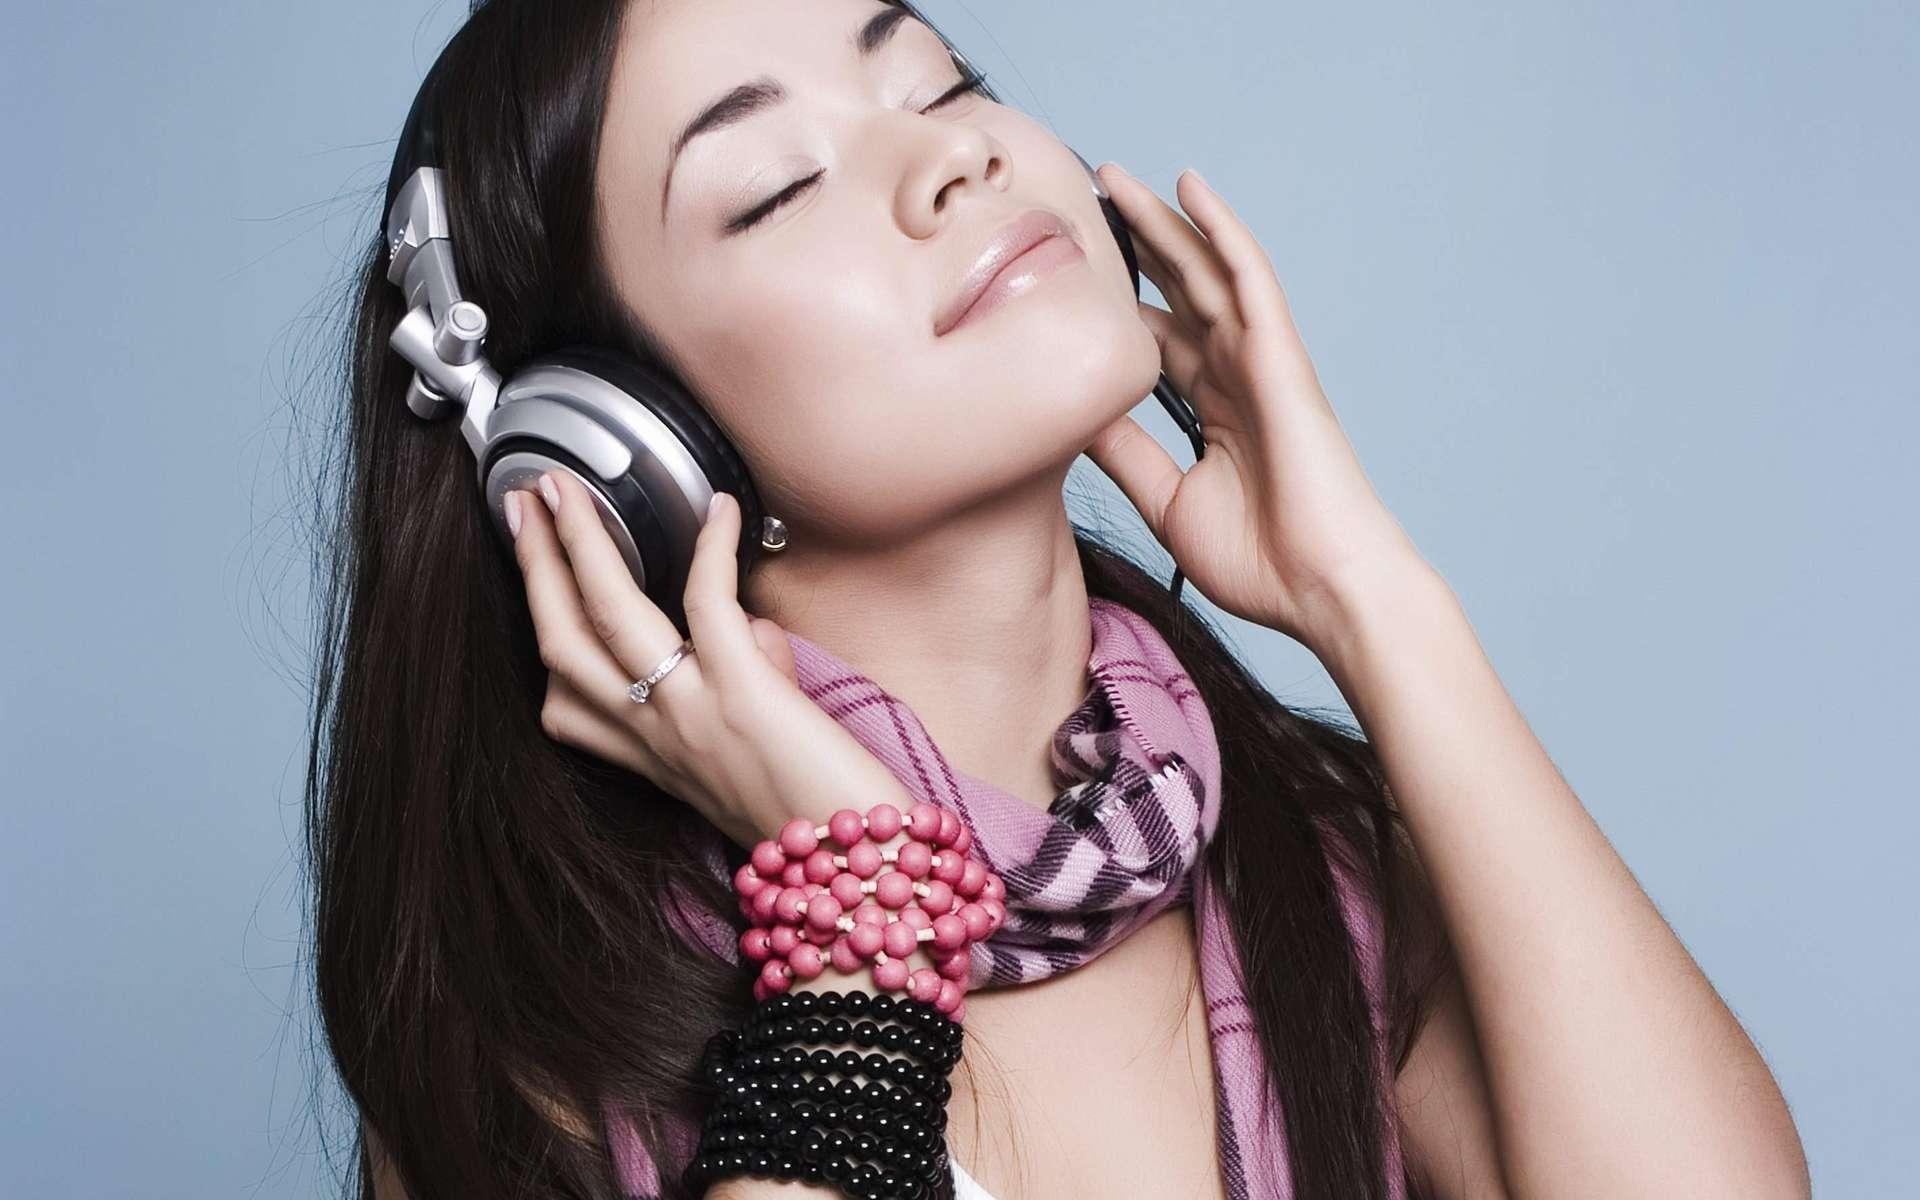 Les troubles auditifs ne sont plus réservés aux personnes âgées. Avec l'usage du casque et des écouteurs, les 15-30 ans sont aussi touchés. Ils sont pourtant conscients des risques pour 98 % d'entre eux.